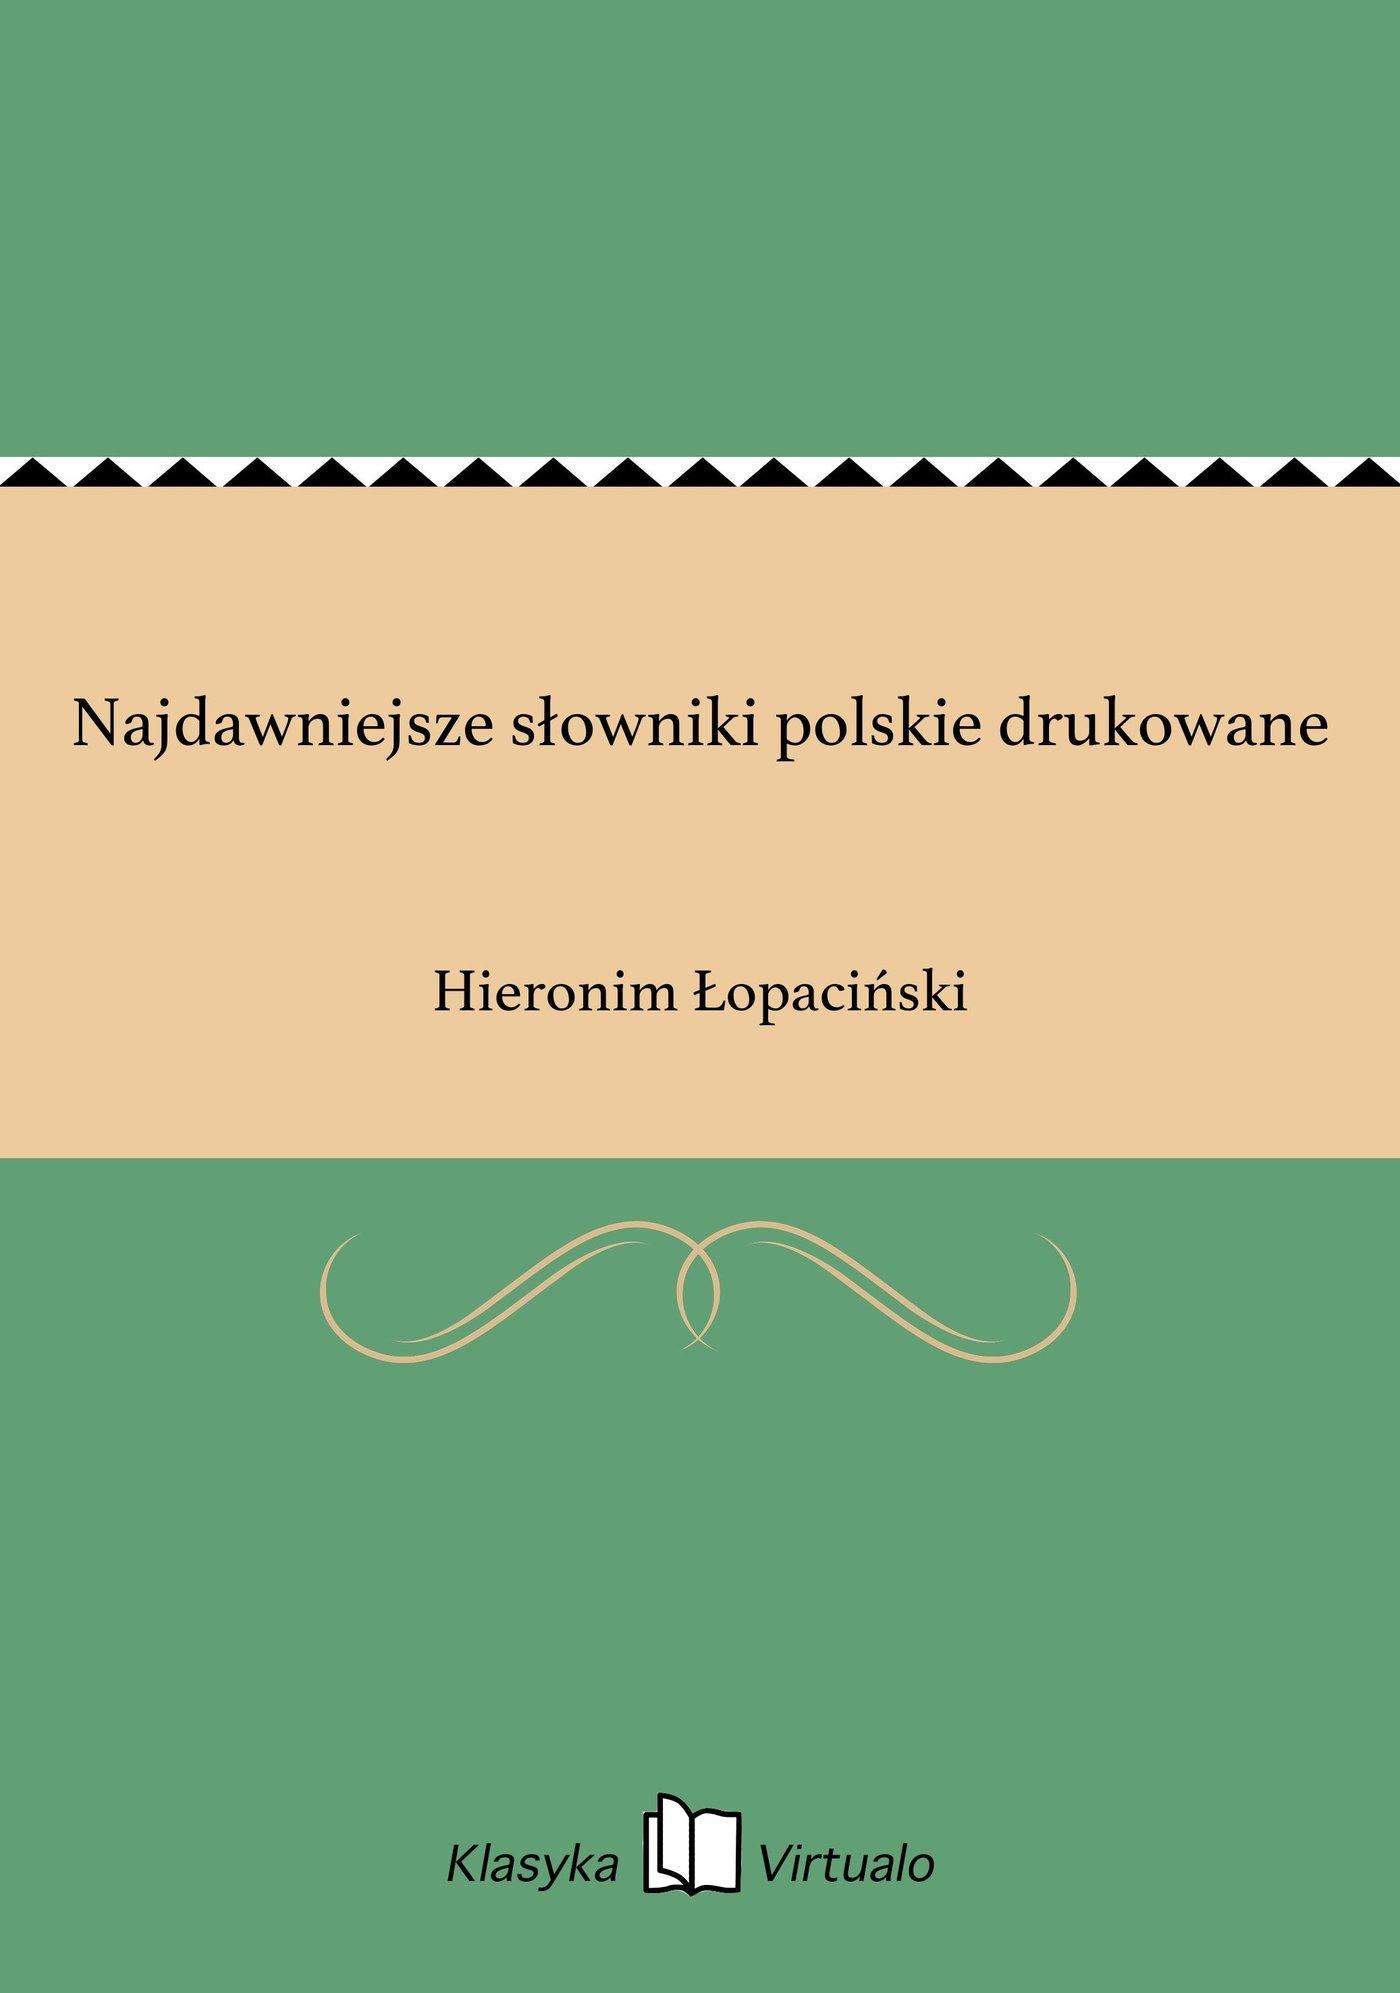 Najdawniejsze słowniki polskie drukowane - Ebook (Książka EPUB) do pobrania w formacie EPUB